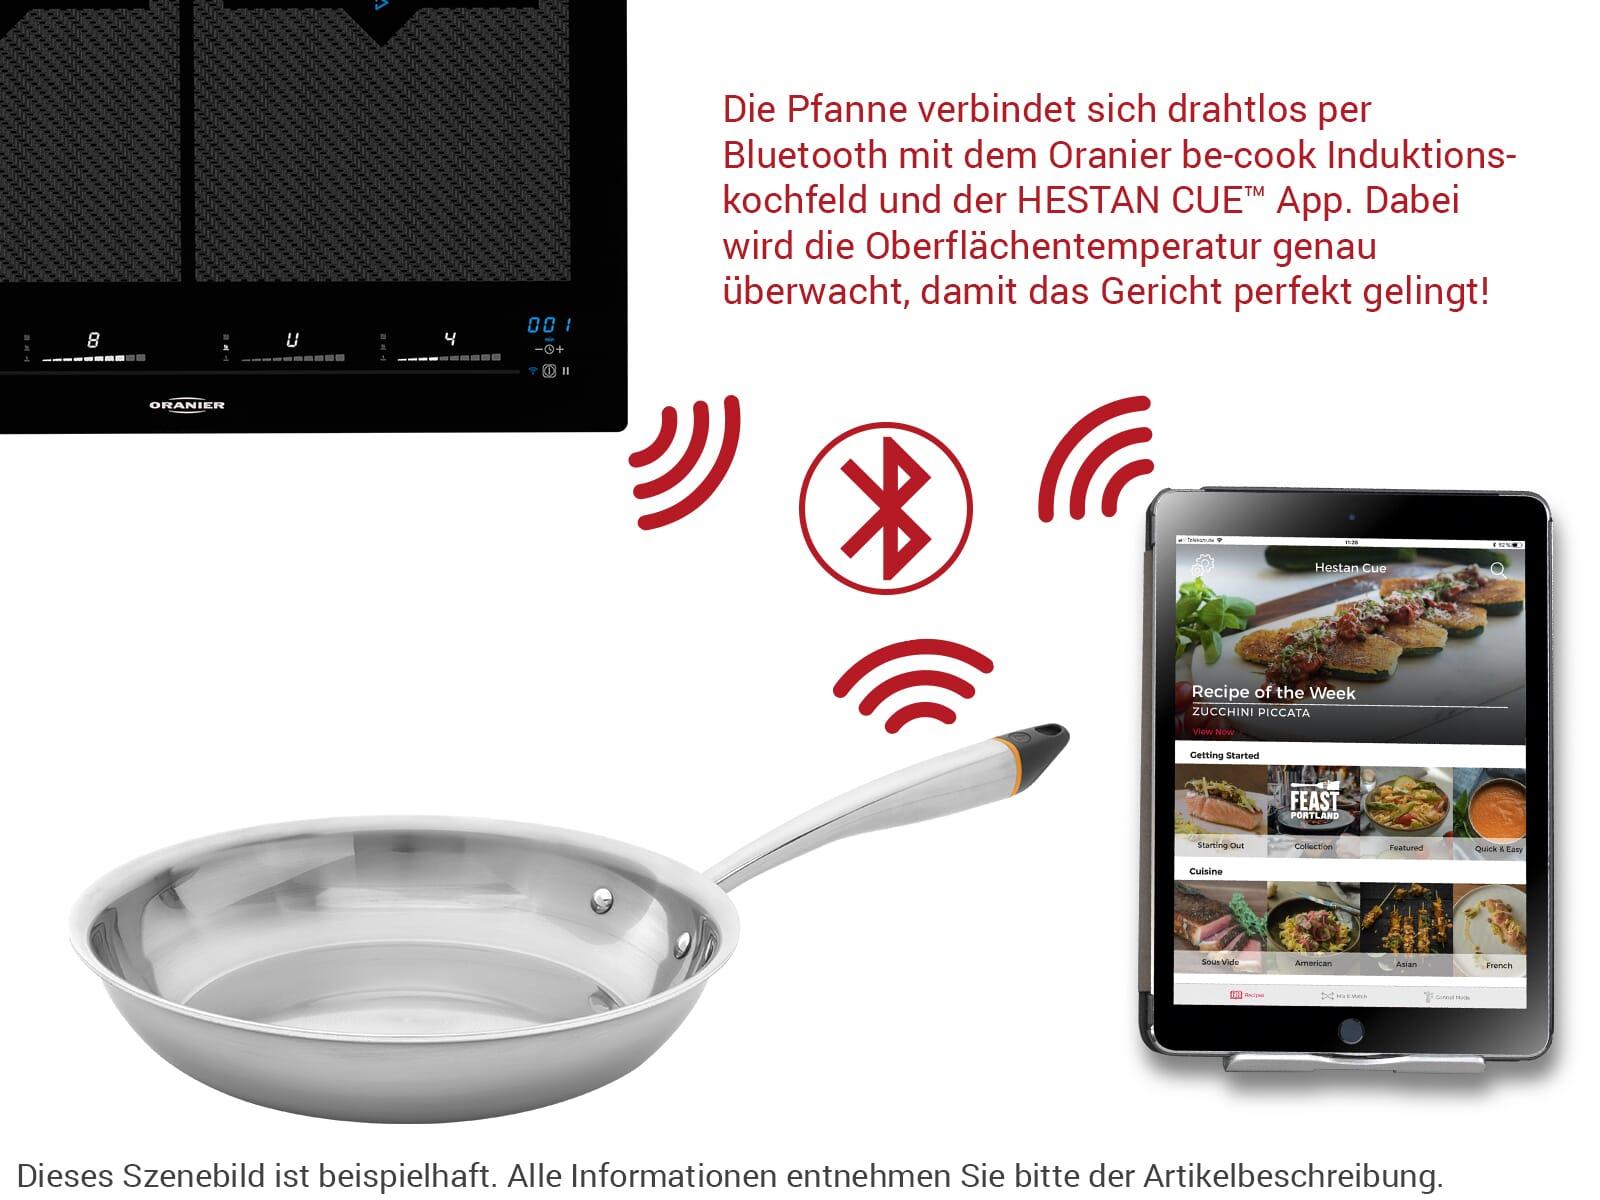 Oranier be-cook Pfanne 9209 25